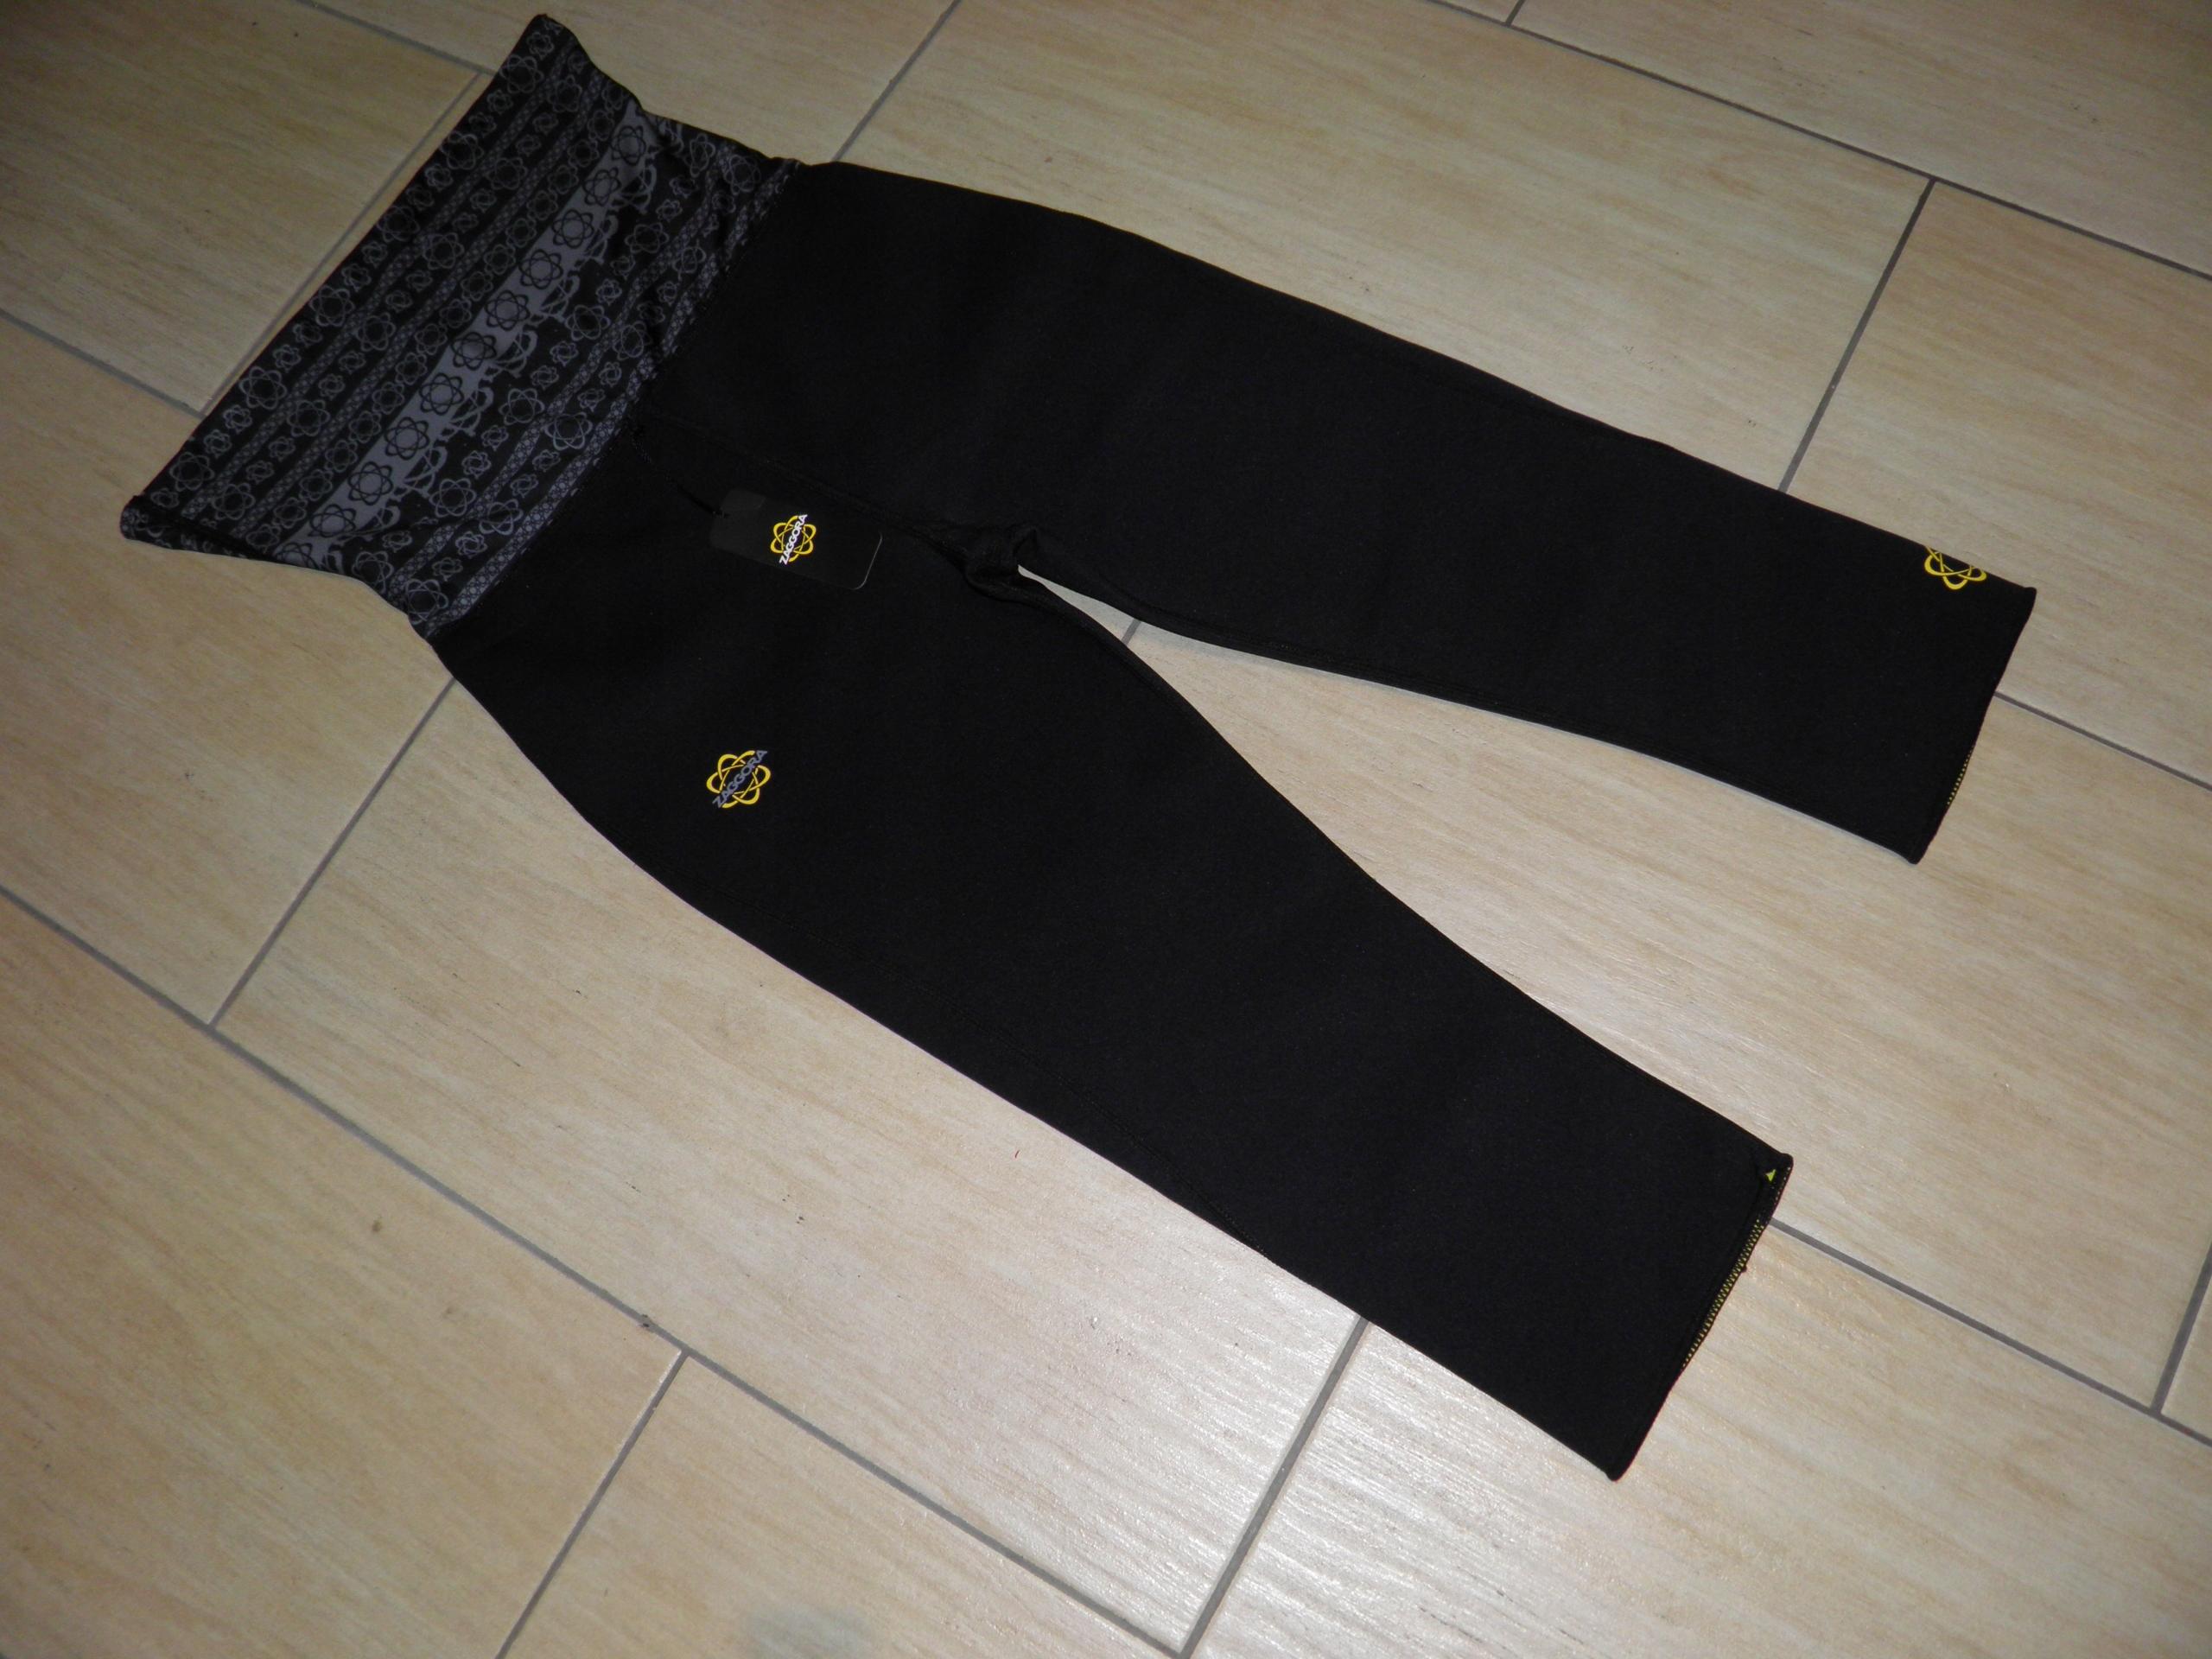 614.1 Spodnie piankowe damskie nowe z metką r L